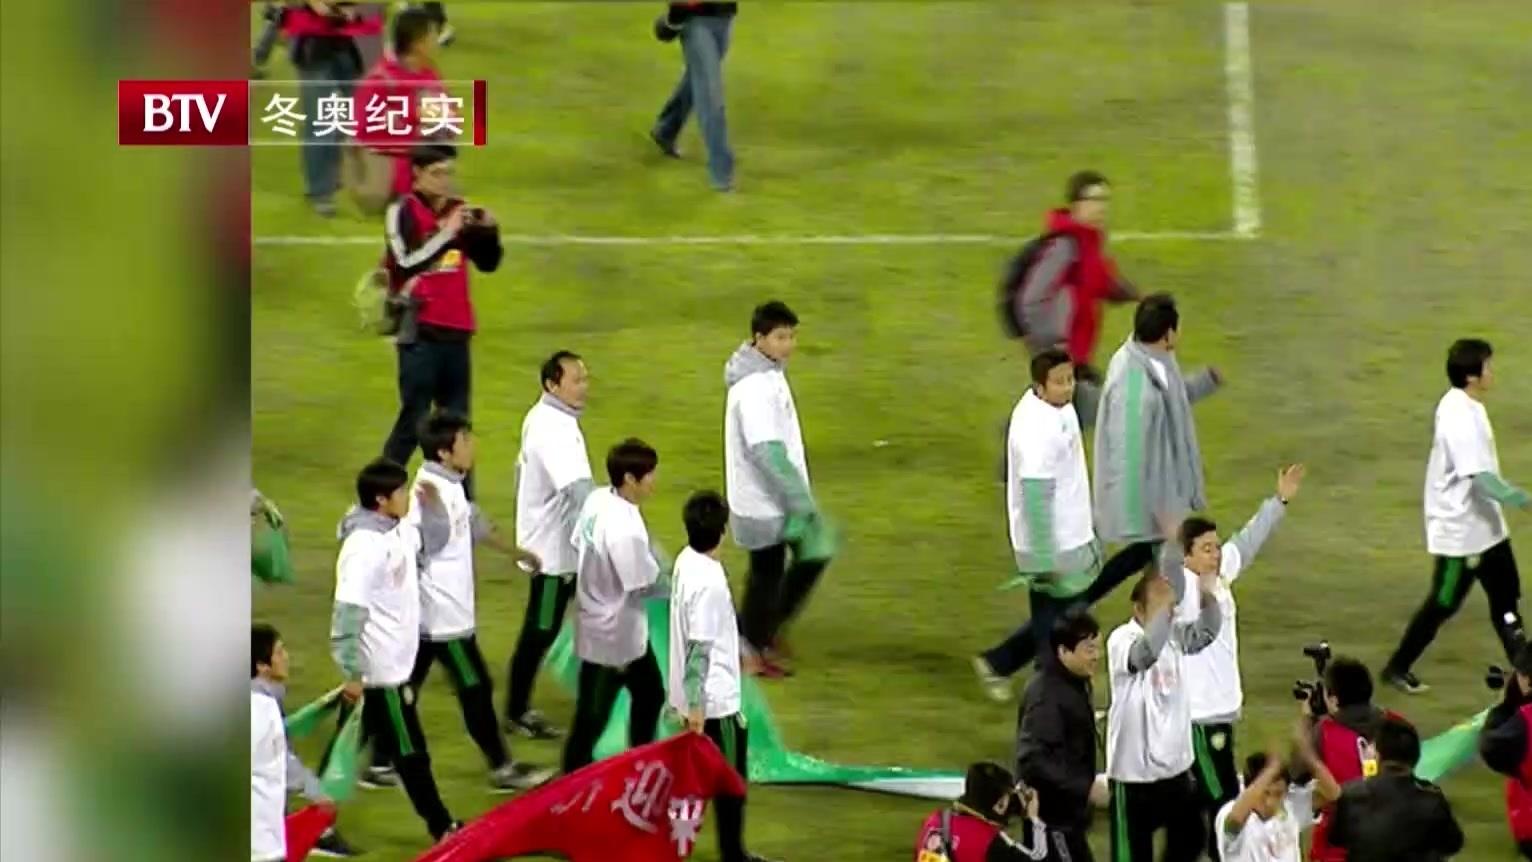 云解说:2009赛季中超第30轮 蒲京国安4:0杭州绿城